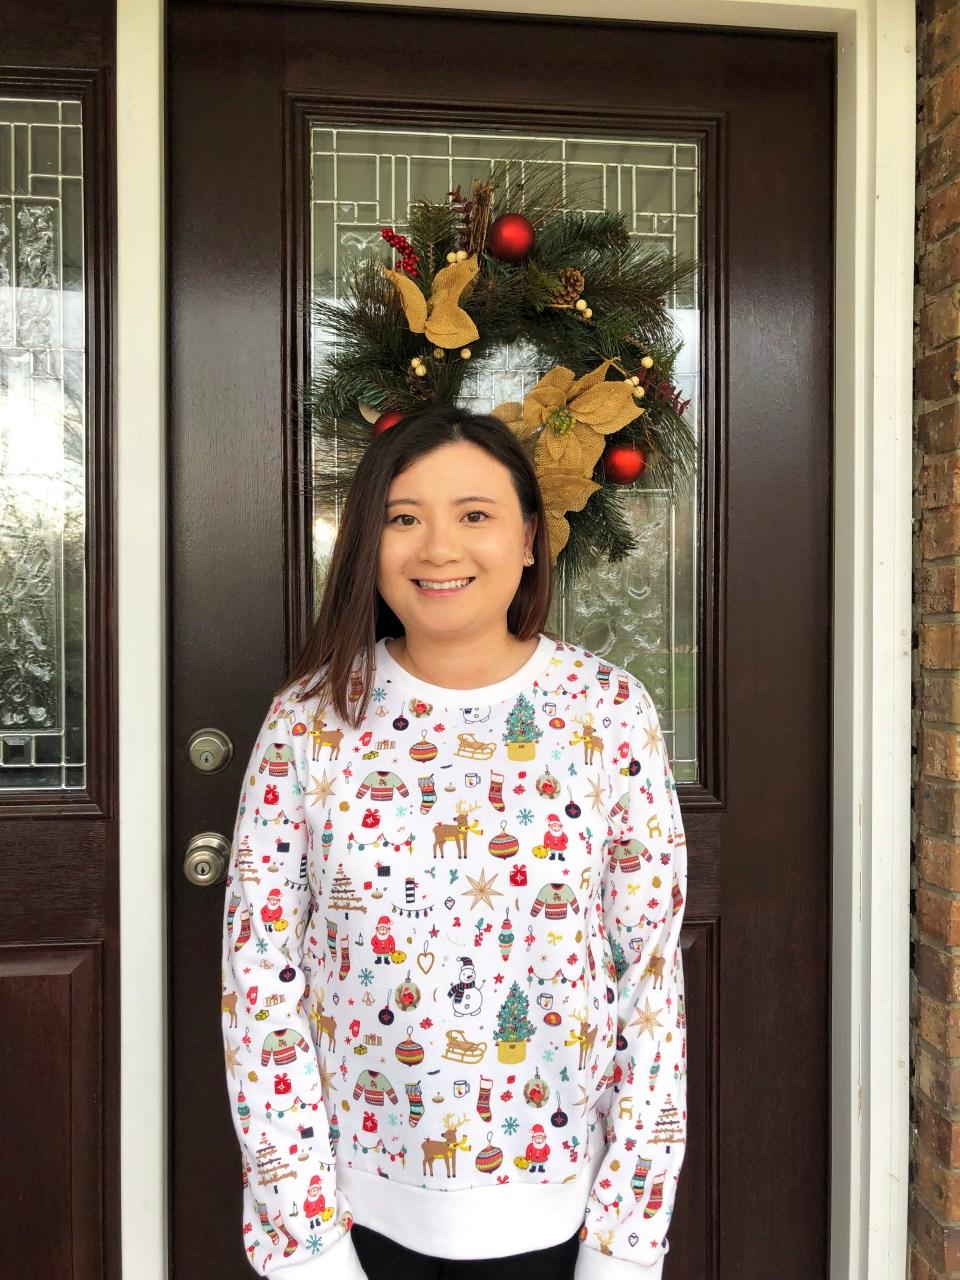 Christmas Graphic Fleece Sweatshirt 10